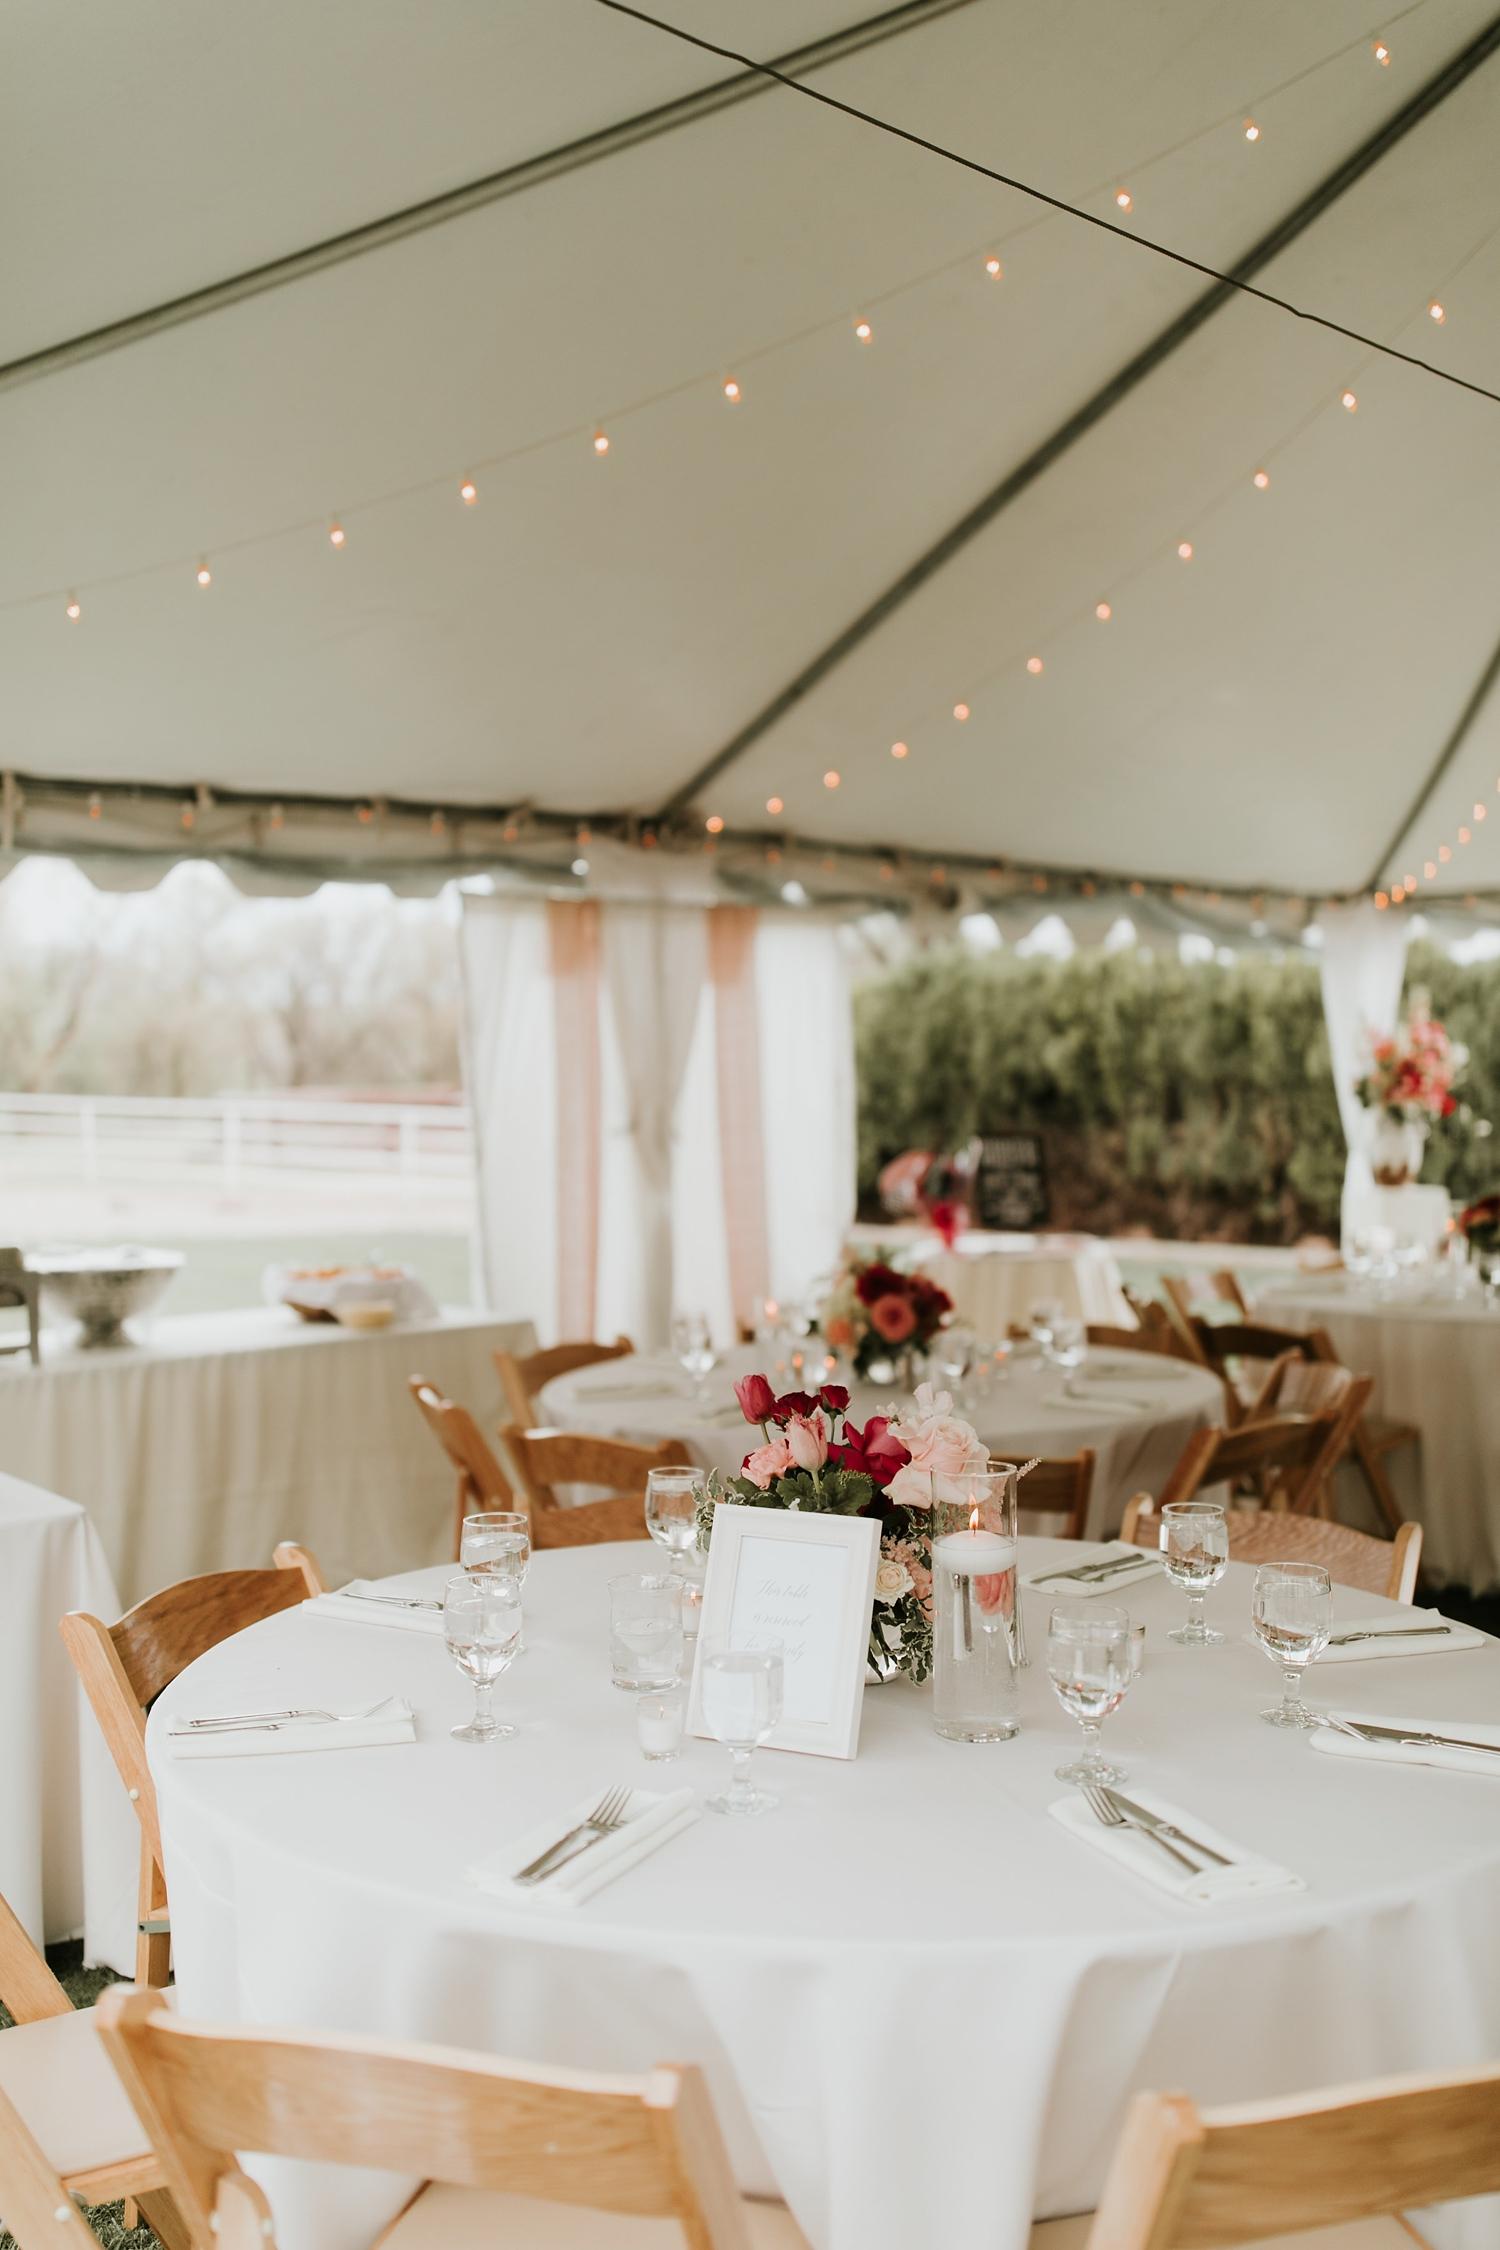 Alicia+lucia+photography+-+albuquerque+wedding+photographer+-+santa+fe+wedding+photography+-+new+mexico+wedding+photographer+-+new+mexico+engagement+-+la+mesita+ranch+wedding+-+la+mesita+ranch+spring+wedding_0074.jpg